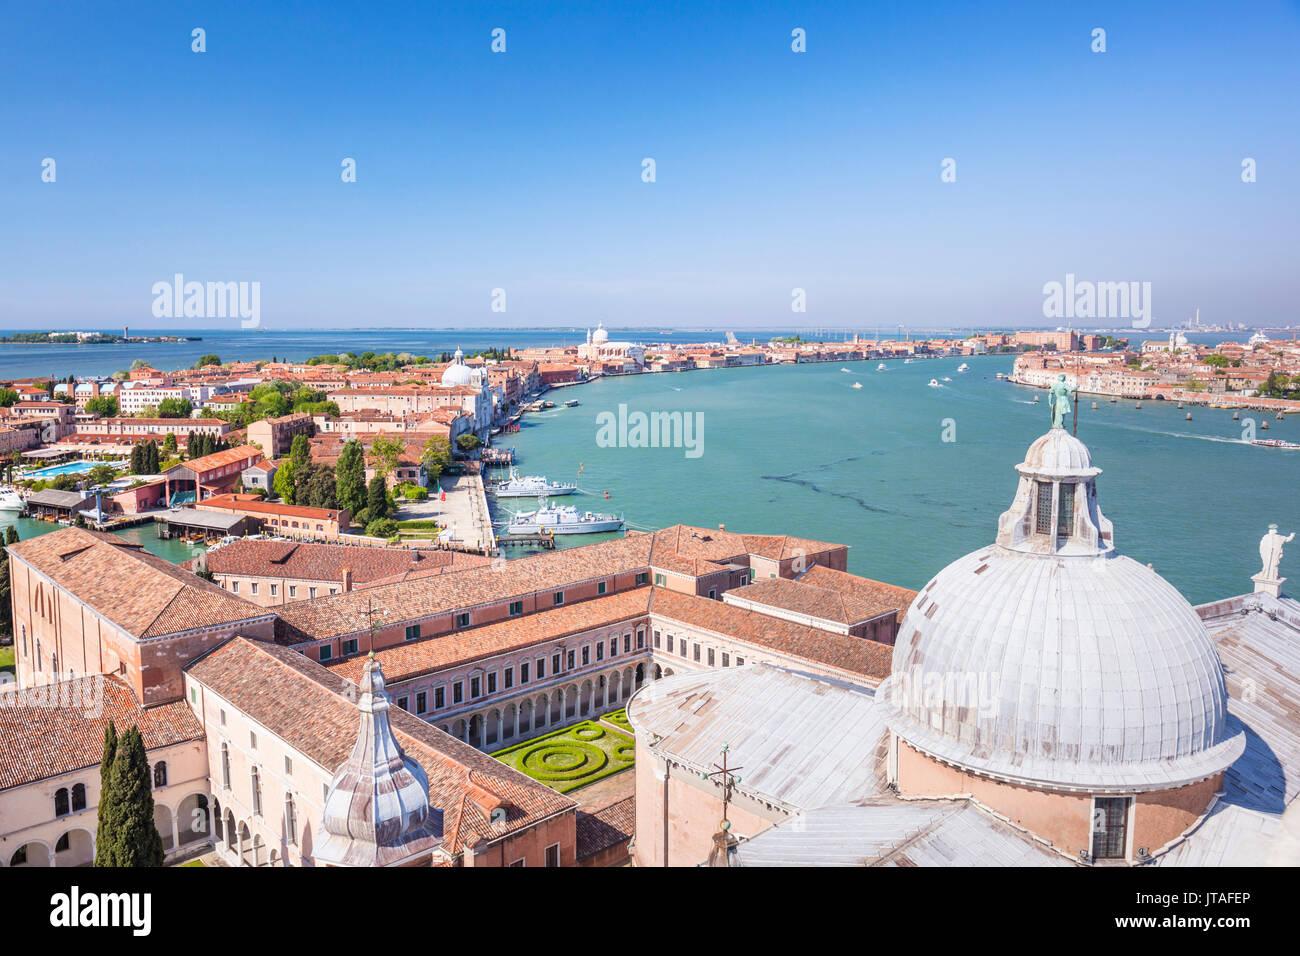 Chiesa di San Giorgio Maggiore, del tetto e della cupola, con vista sull'isola della Giudecca, Venezia, Sito Patrimonio Mondiale dell'UNESCO, Veneto, Italia, Europa Immagini Stock